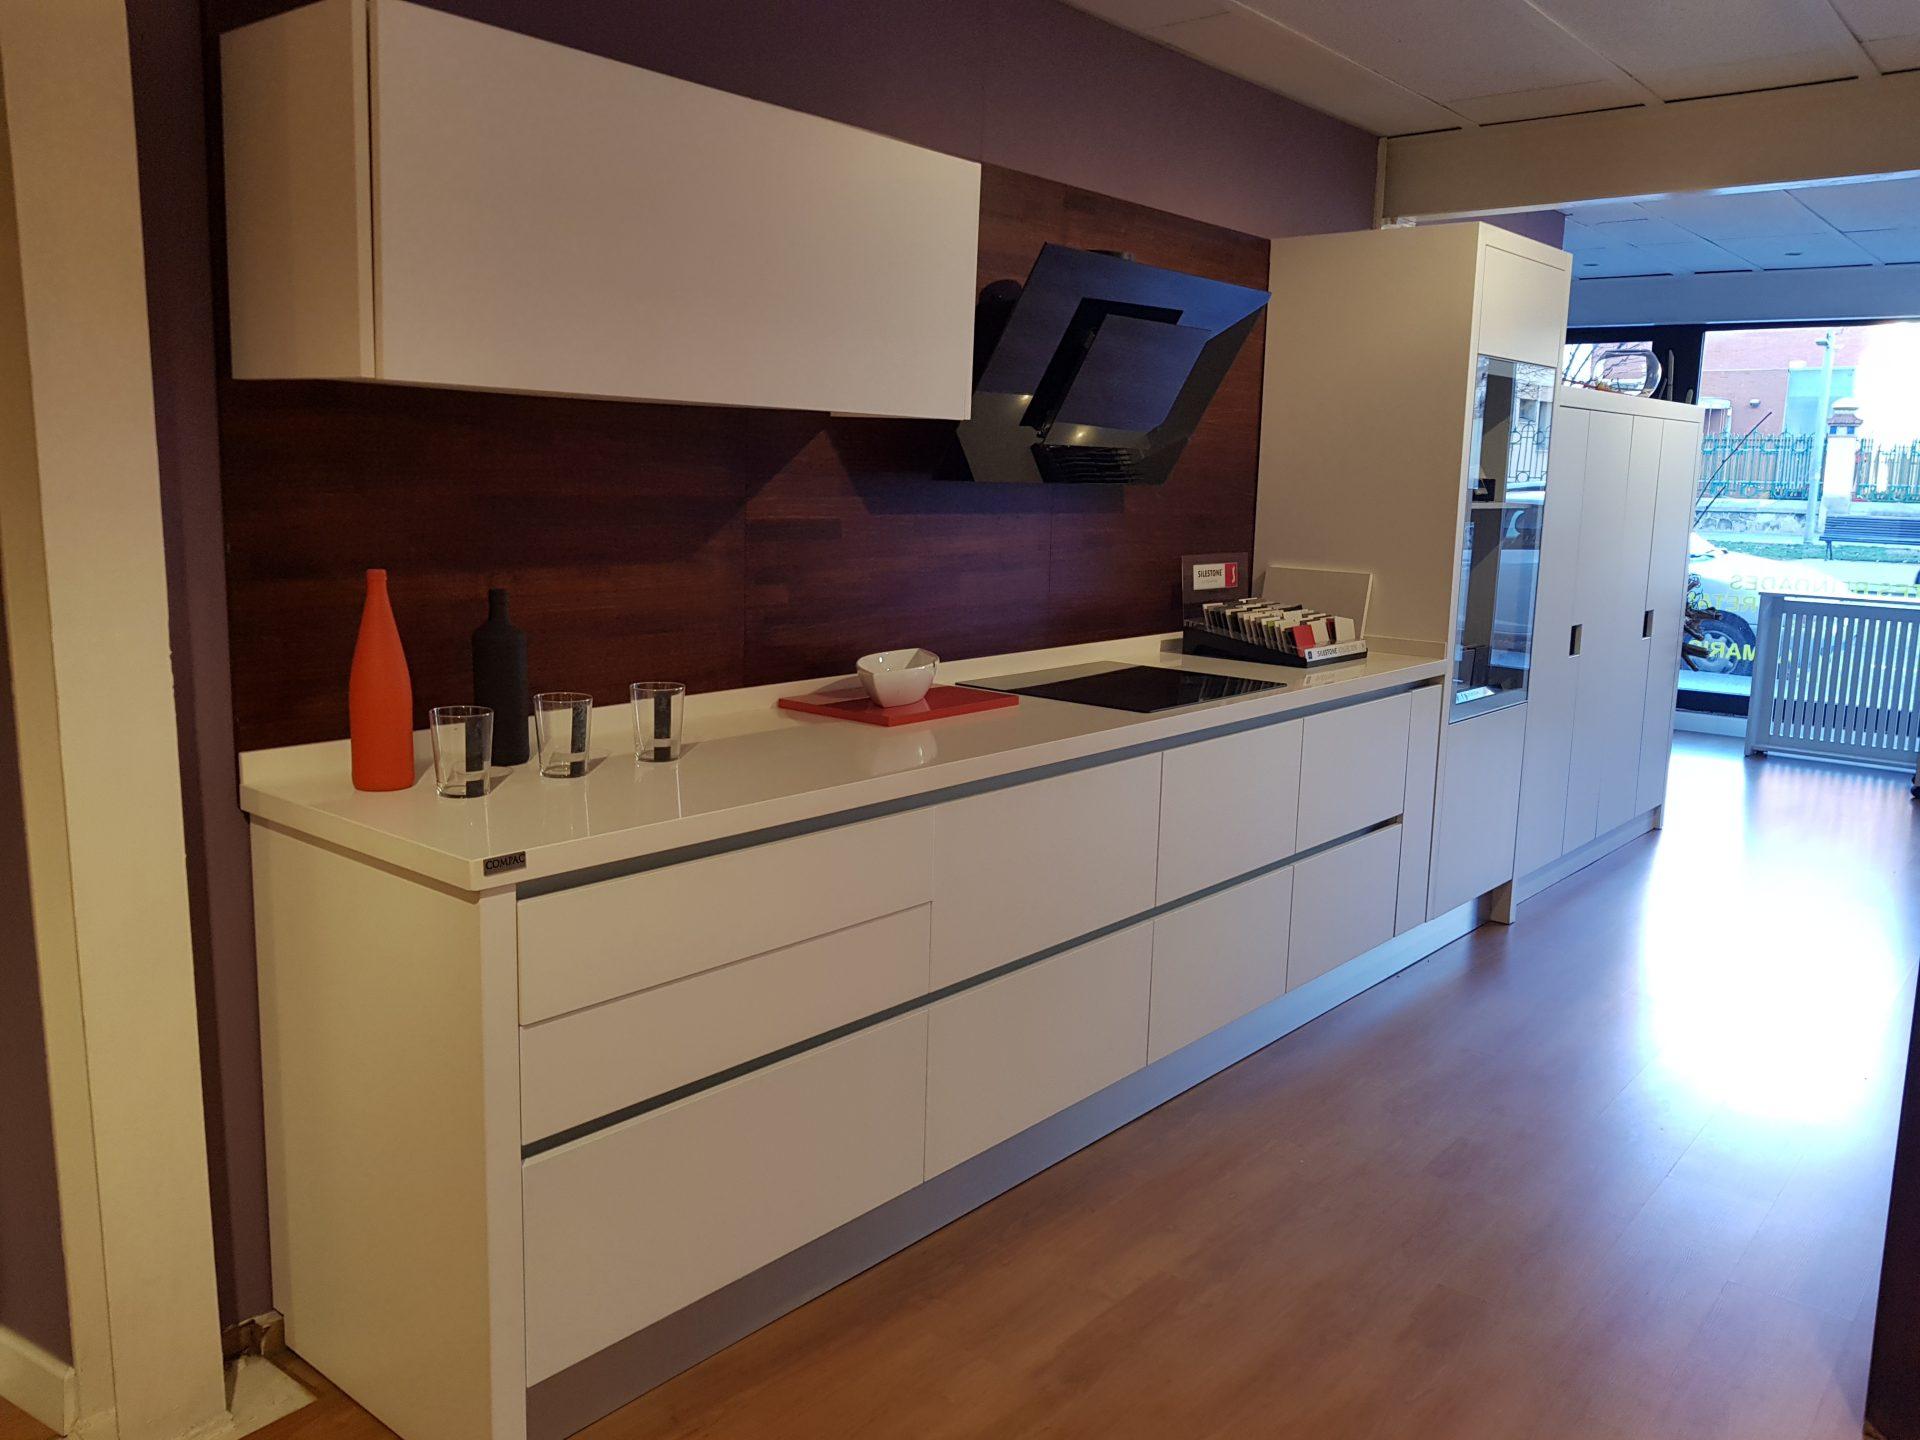 Muebles ergonomicos obtenga ideas dise o de muebles para for Muebles ergonomicos